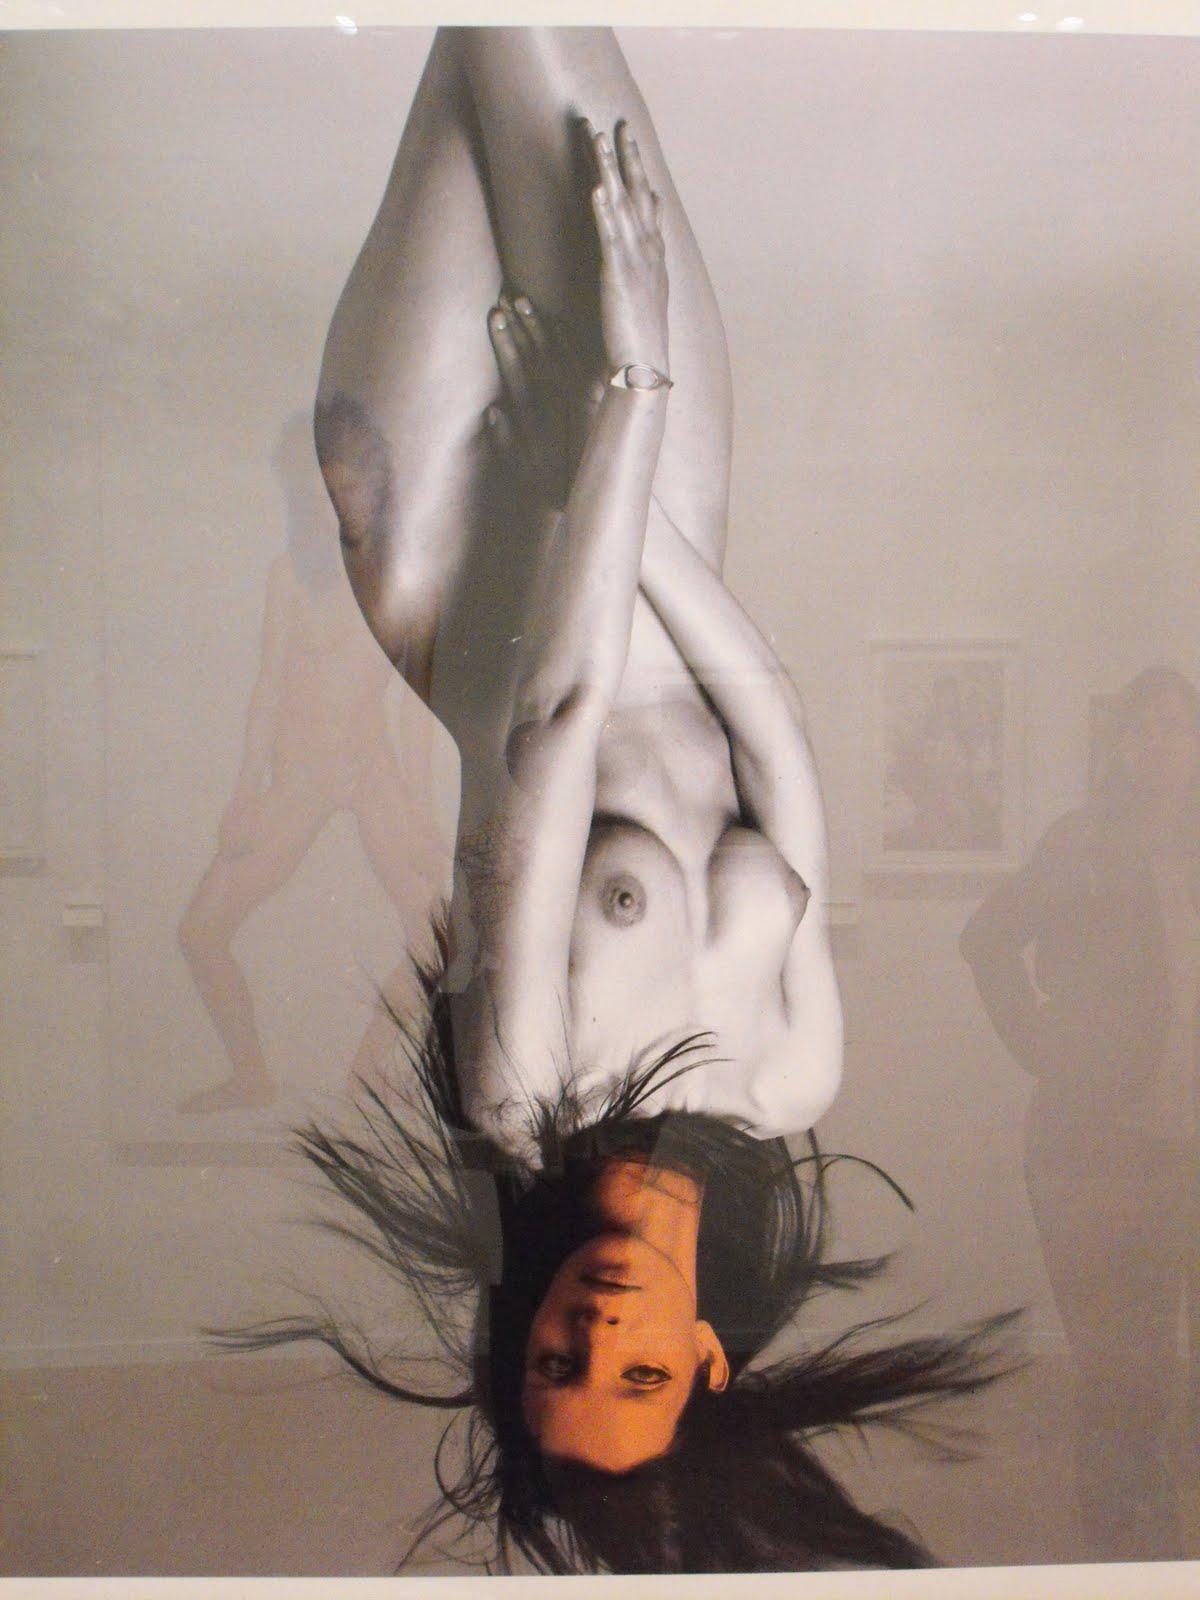 http://1.bp.blogspot.com/_PTaszwQDqXo/TJTxjwNbX9I/AAAAAAAAAIg/2FrZmBHMqfM/s1600/Or+the+hanged+man.JPG